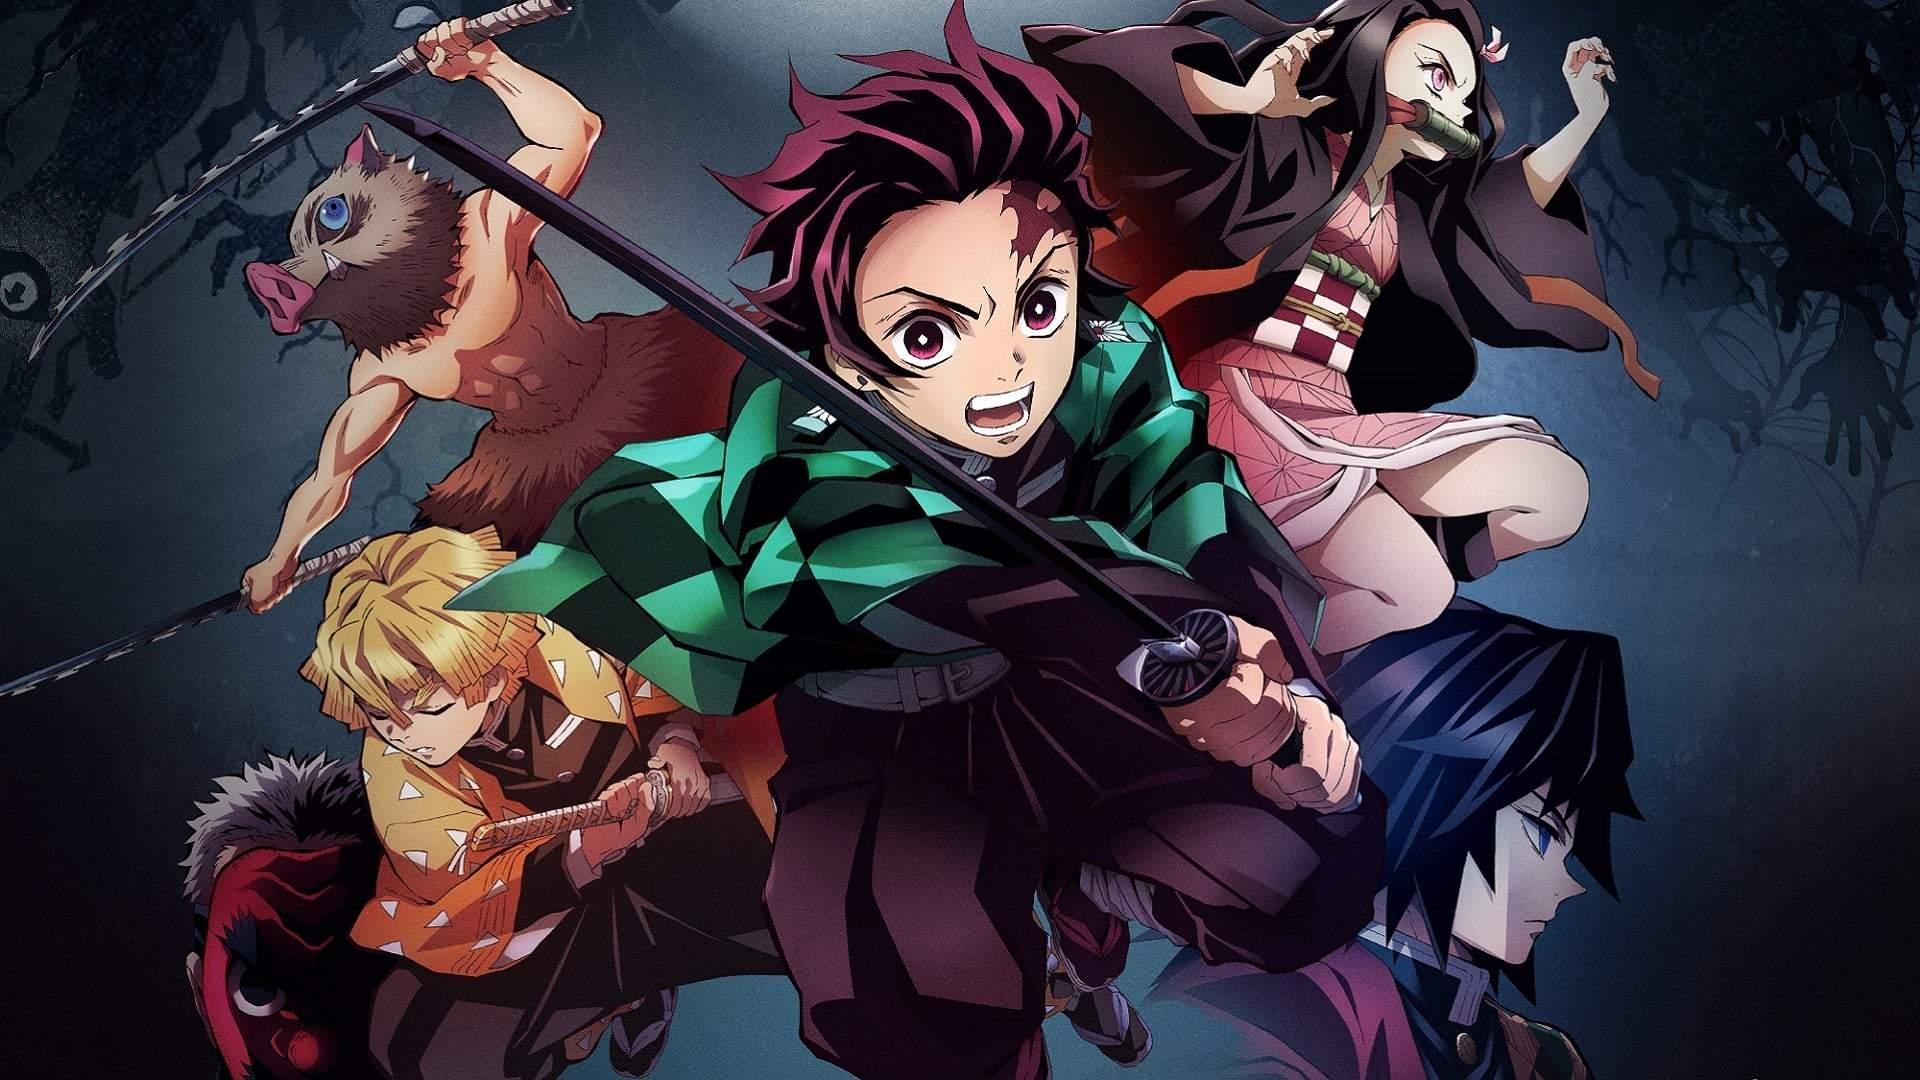 ดาบพิฆาตอสูร | Demon Slayer: Kimetsu no Yaiba